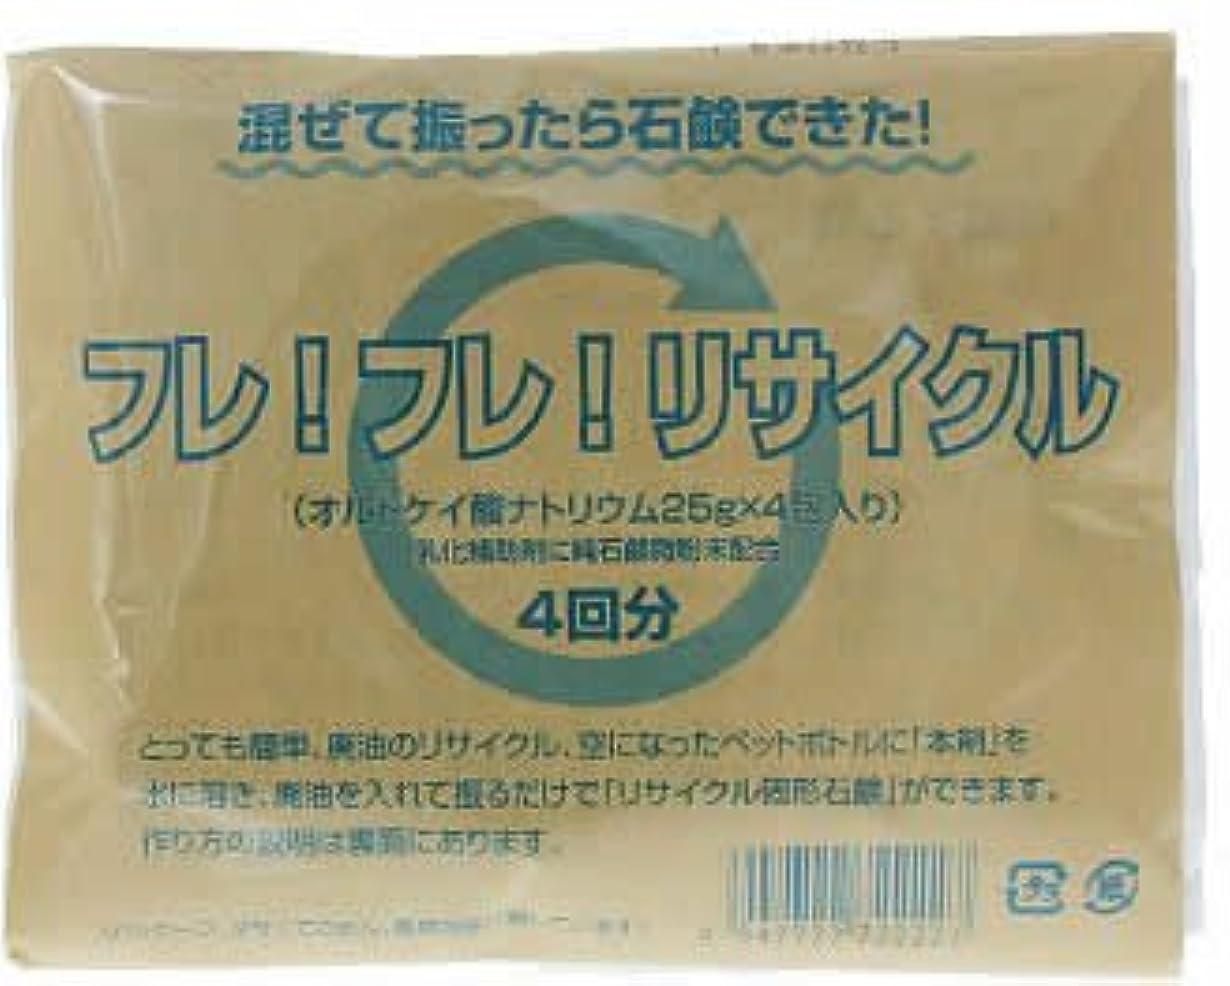 コンパニオンサワー悪名高いねば塾 フレフレリサイクル(25g*4包入)